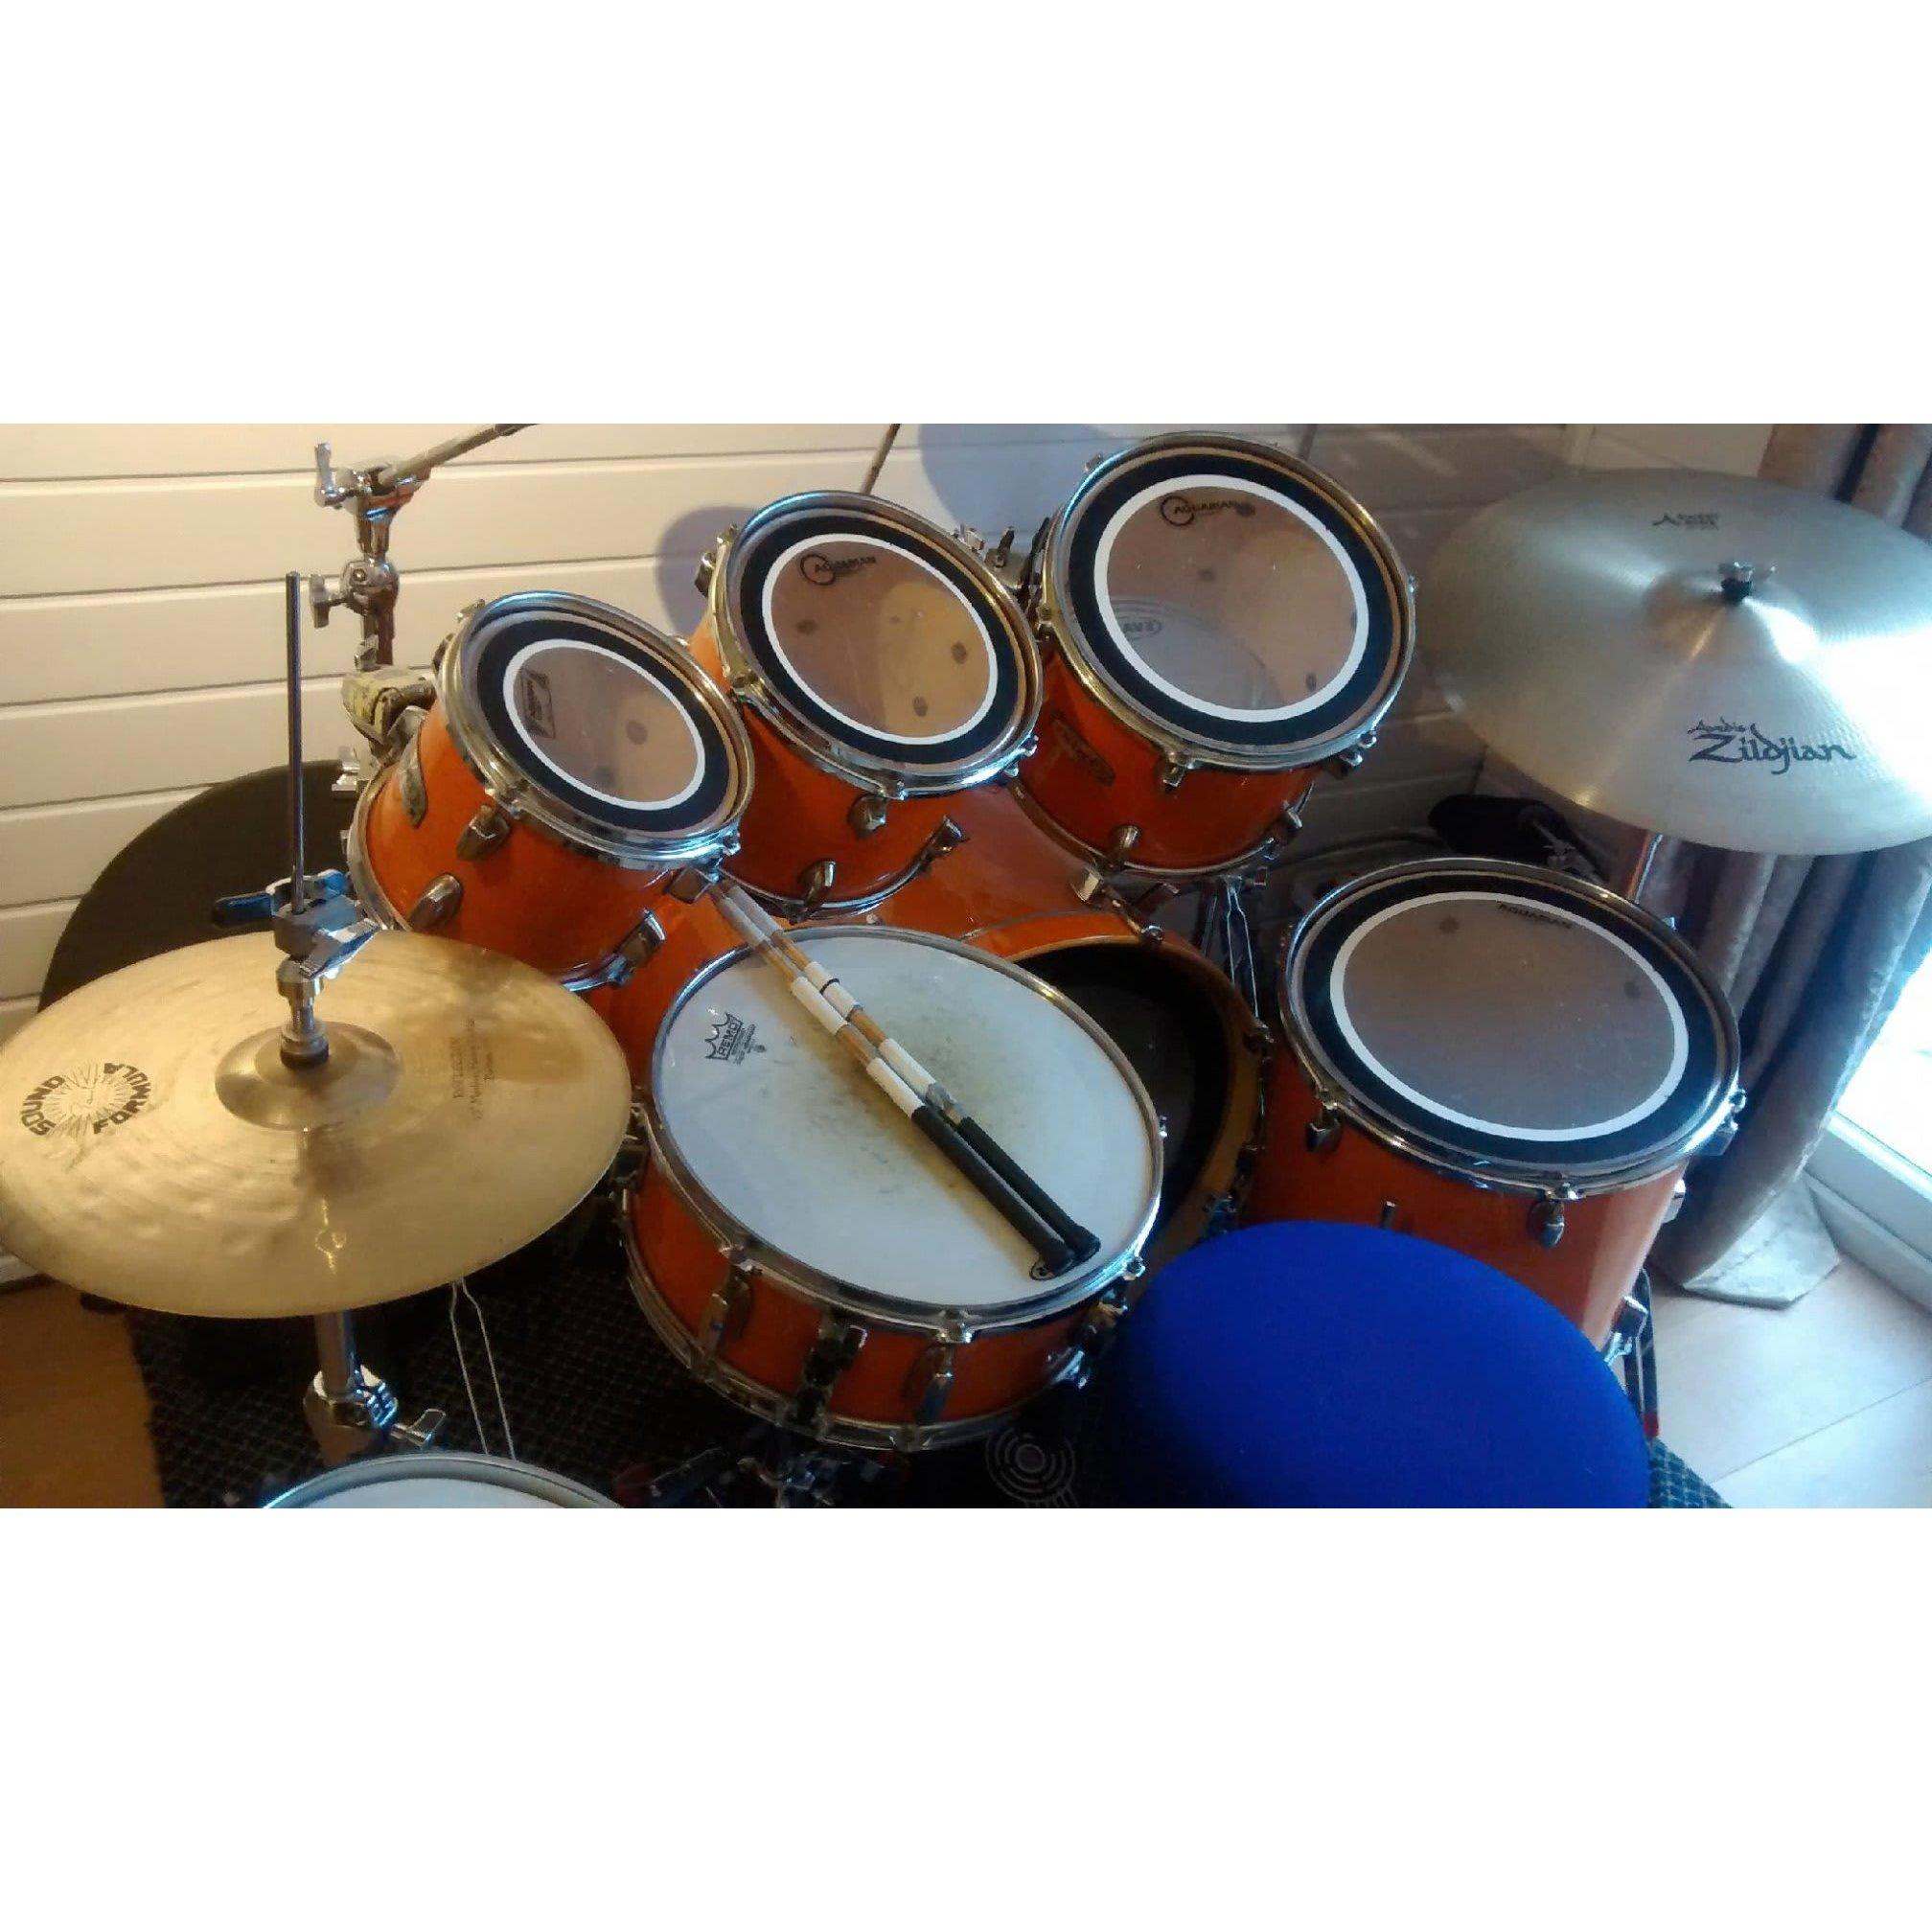 Suzie's Drum Tuition - Stourbridge, West Midlands DY9 8SS - 07986 275652 | ShowMeLocal.com